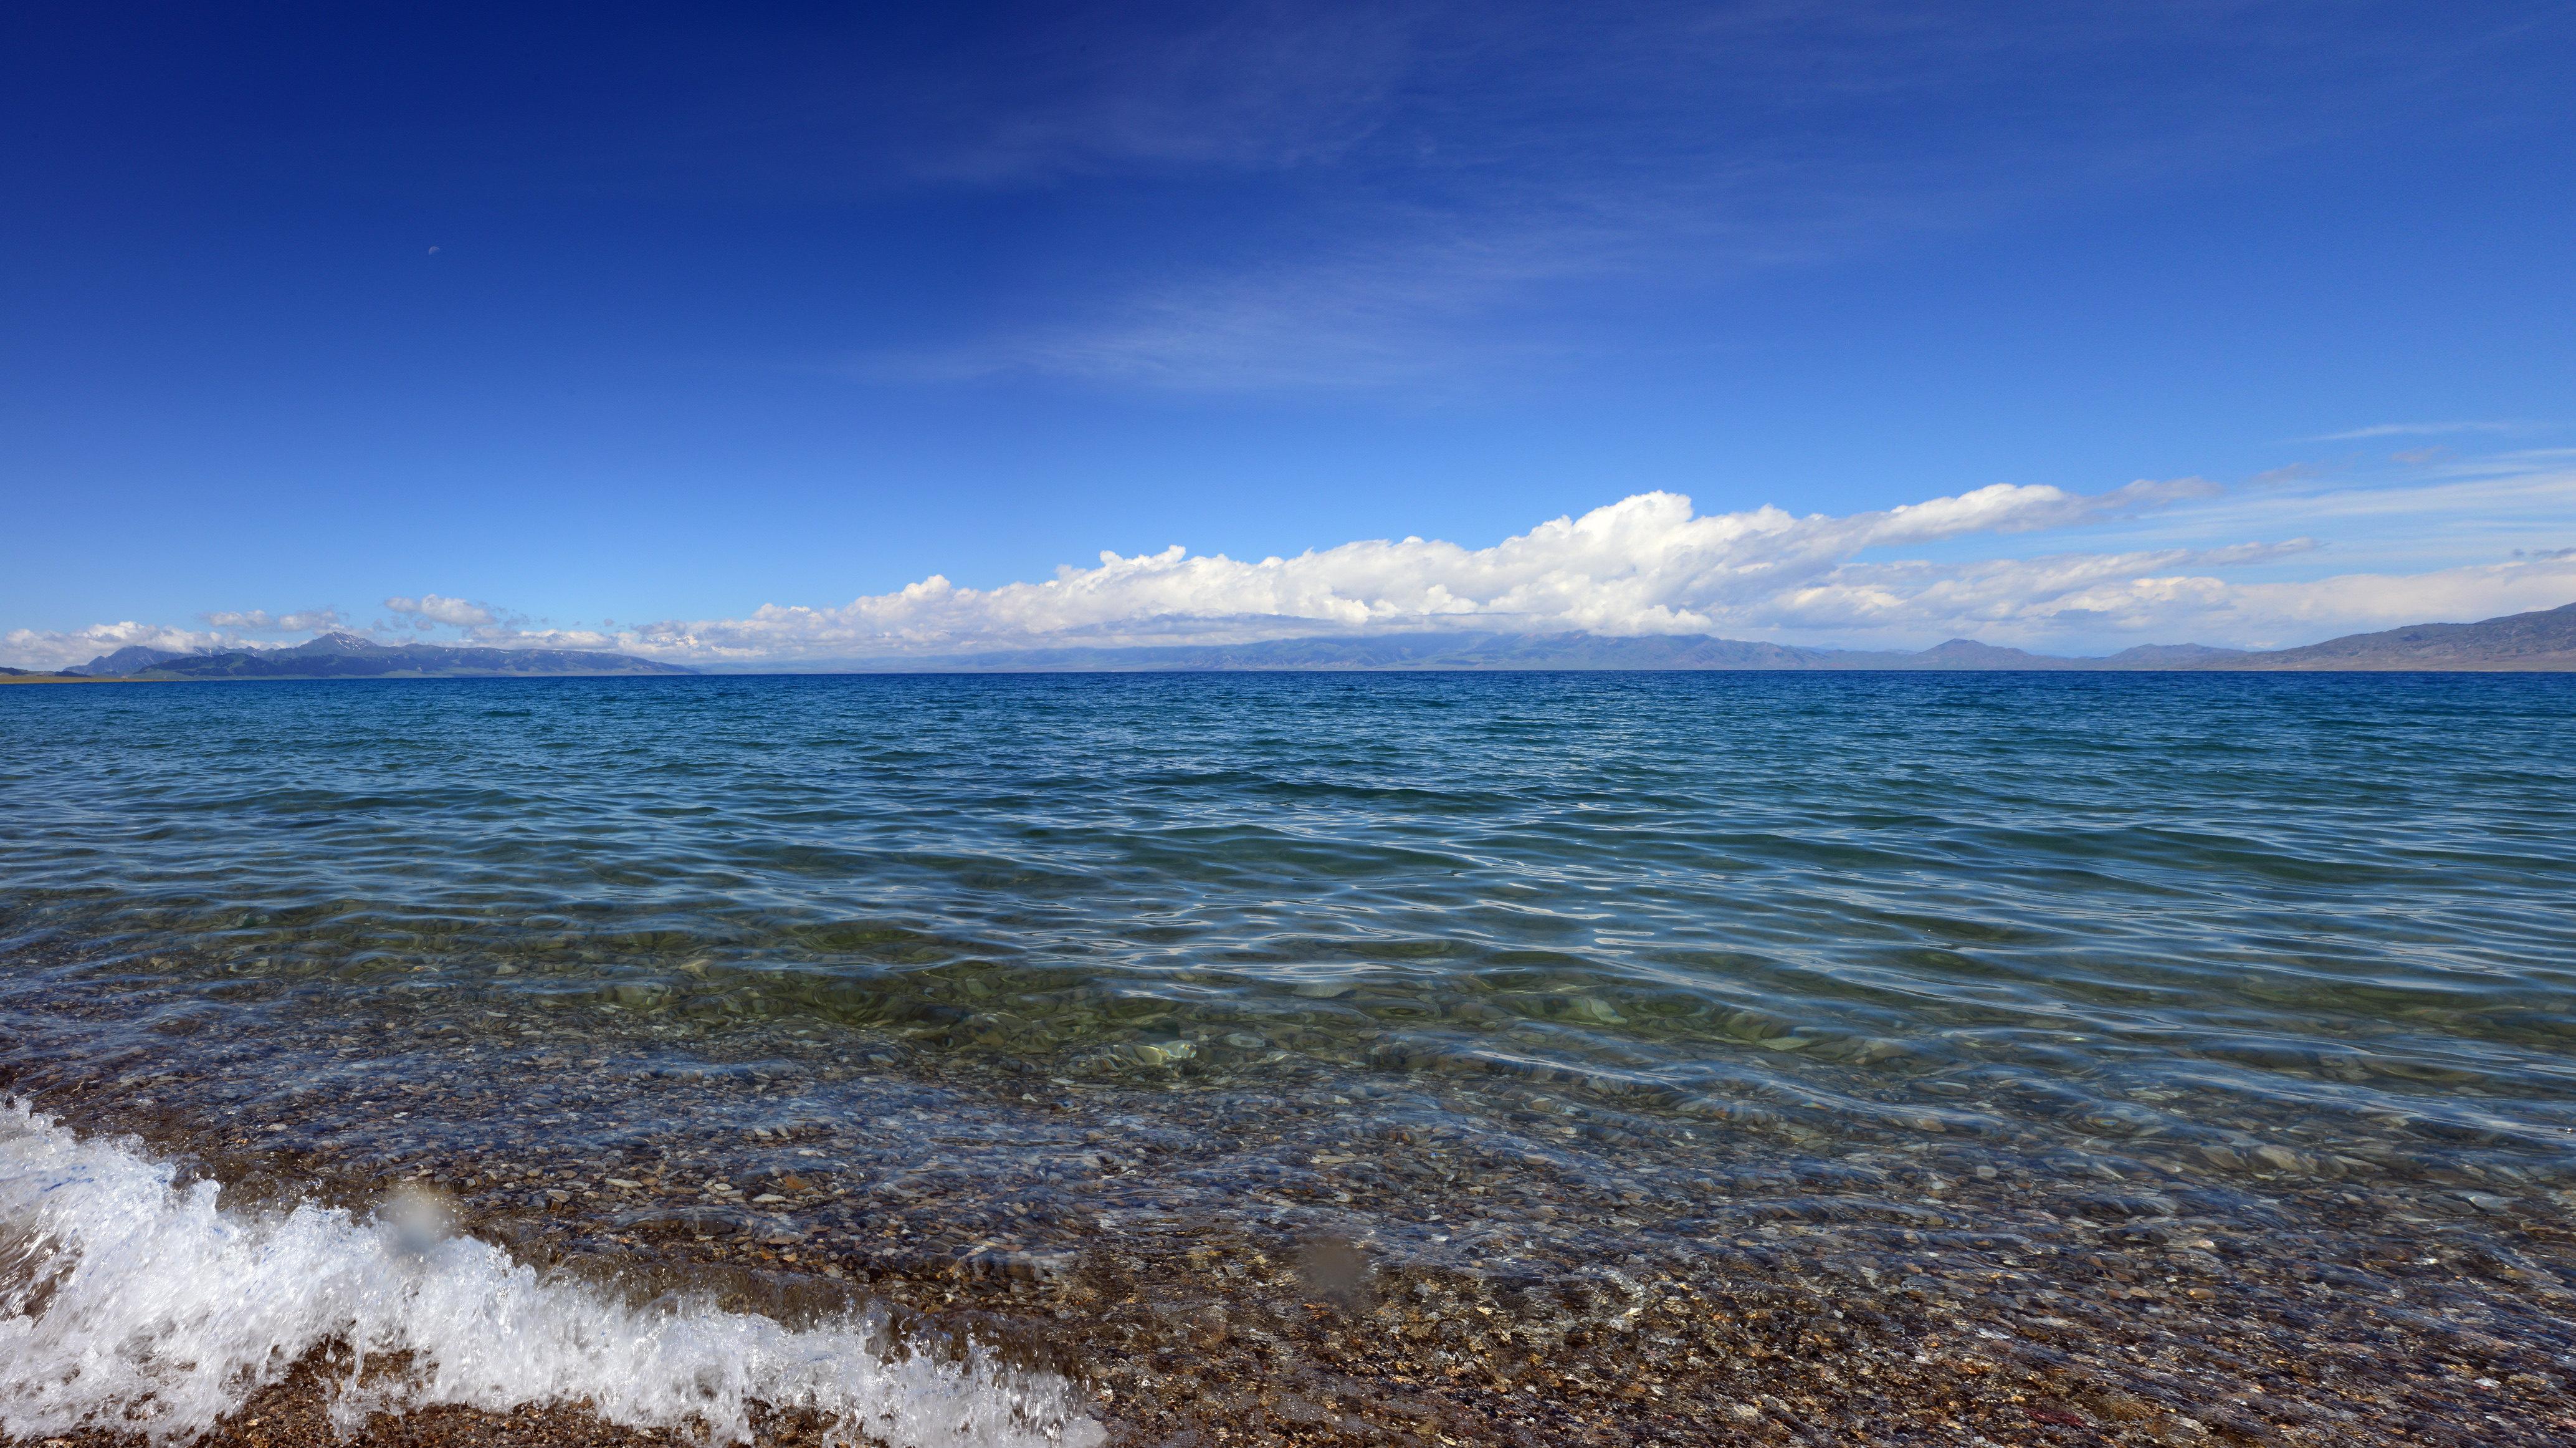 賽里木湖+惠遠古城景區+360度環湖全景一日遊